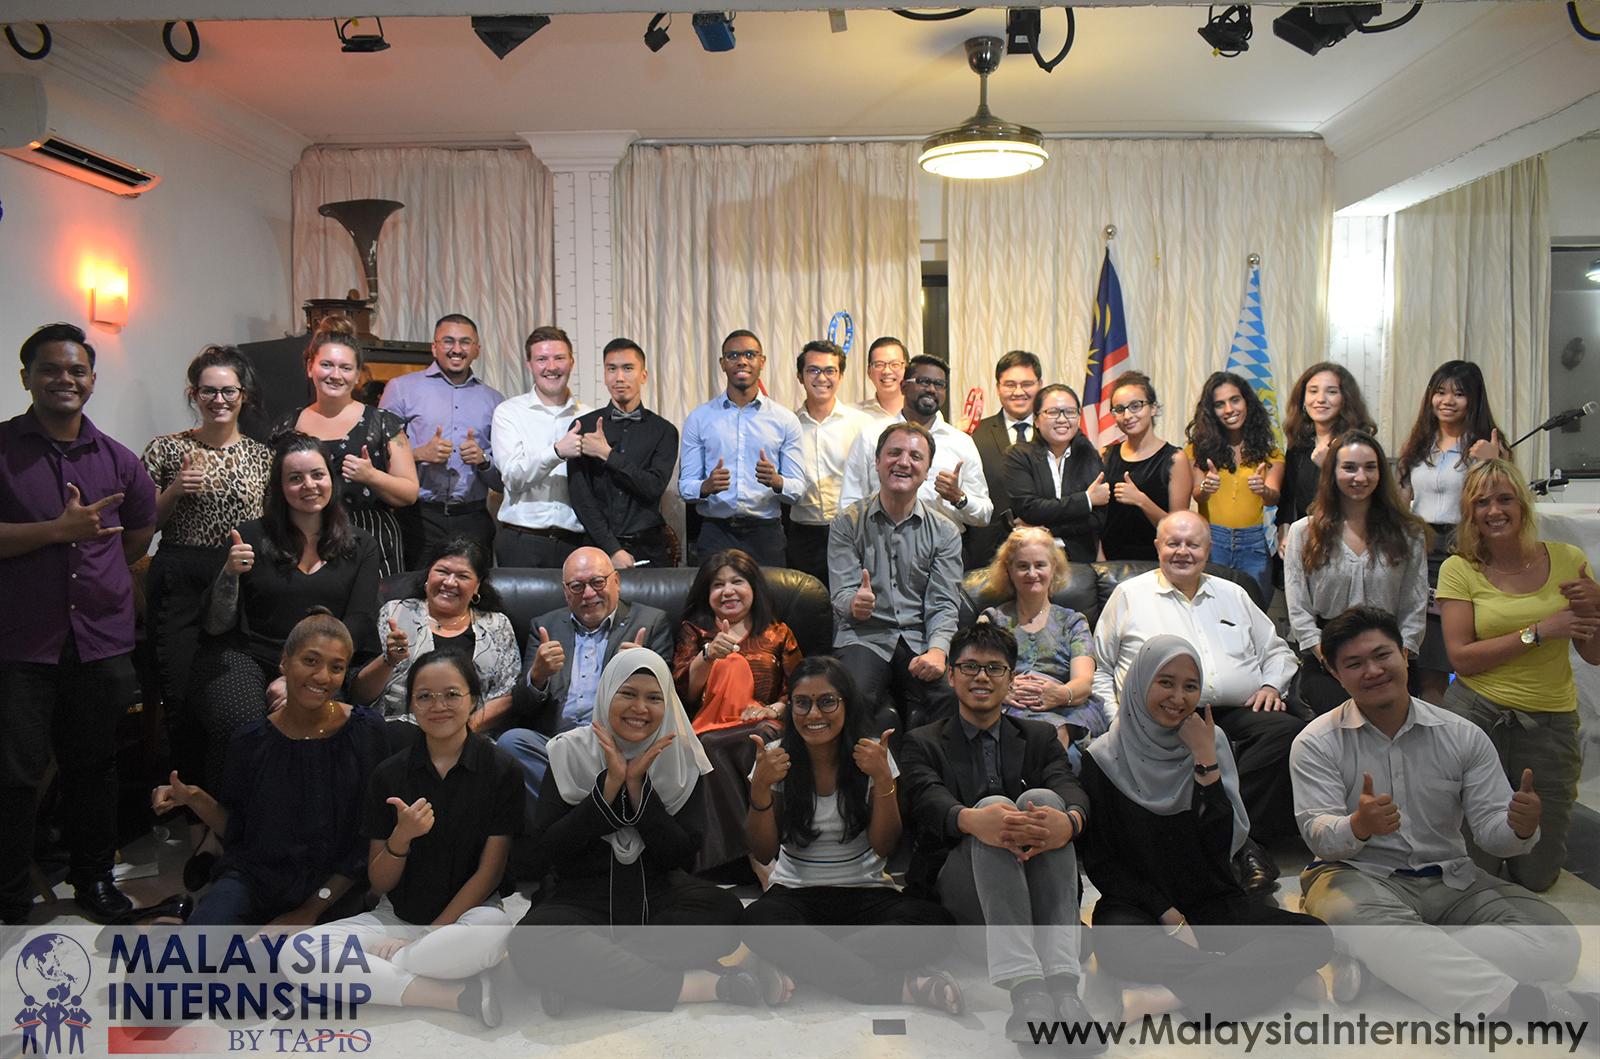 Wednesday Club with H.E. Julia G. Bentley & Dato' Aminahtun Karim - 23/05/2019